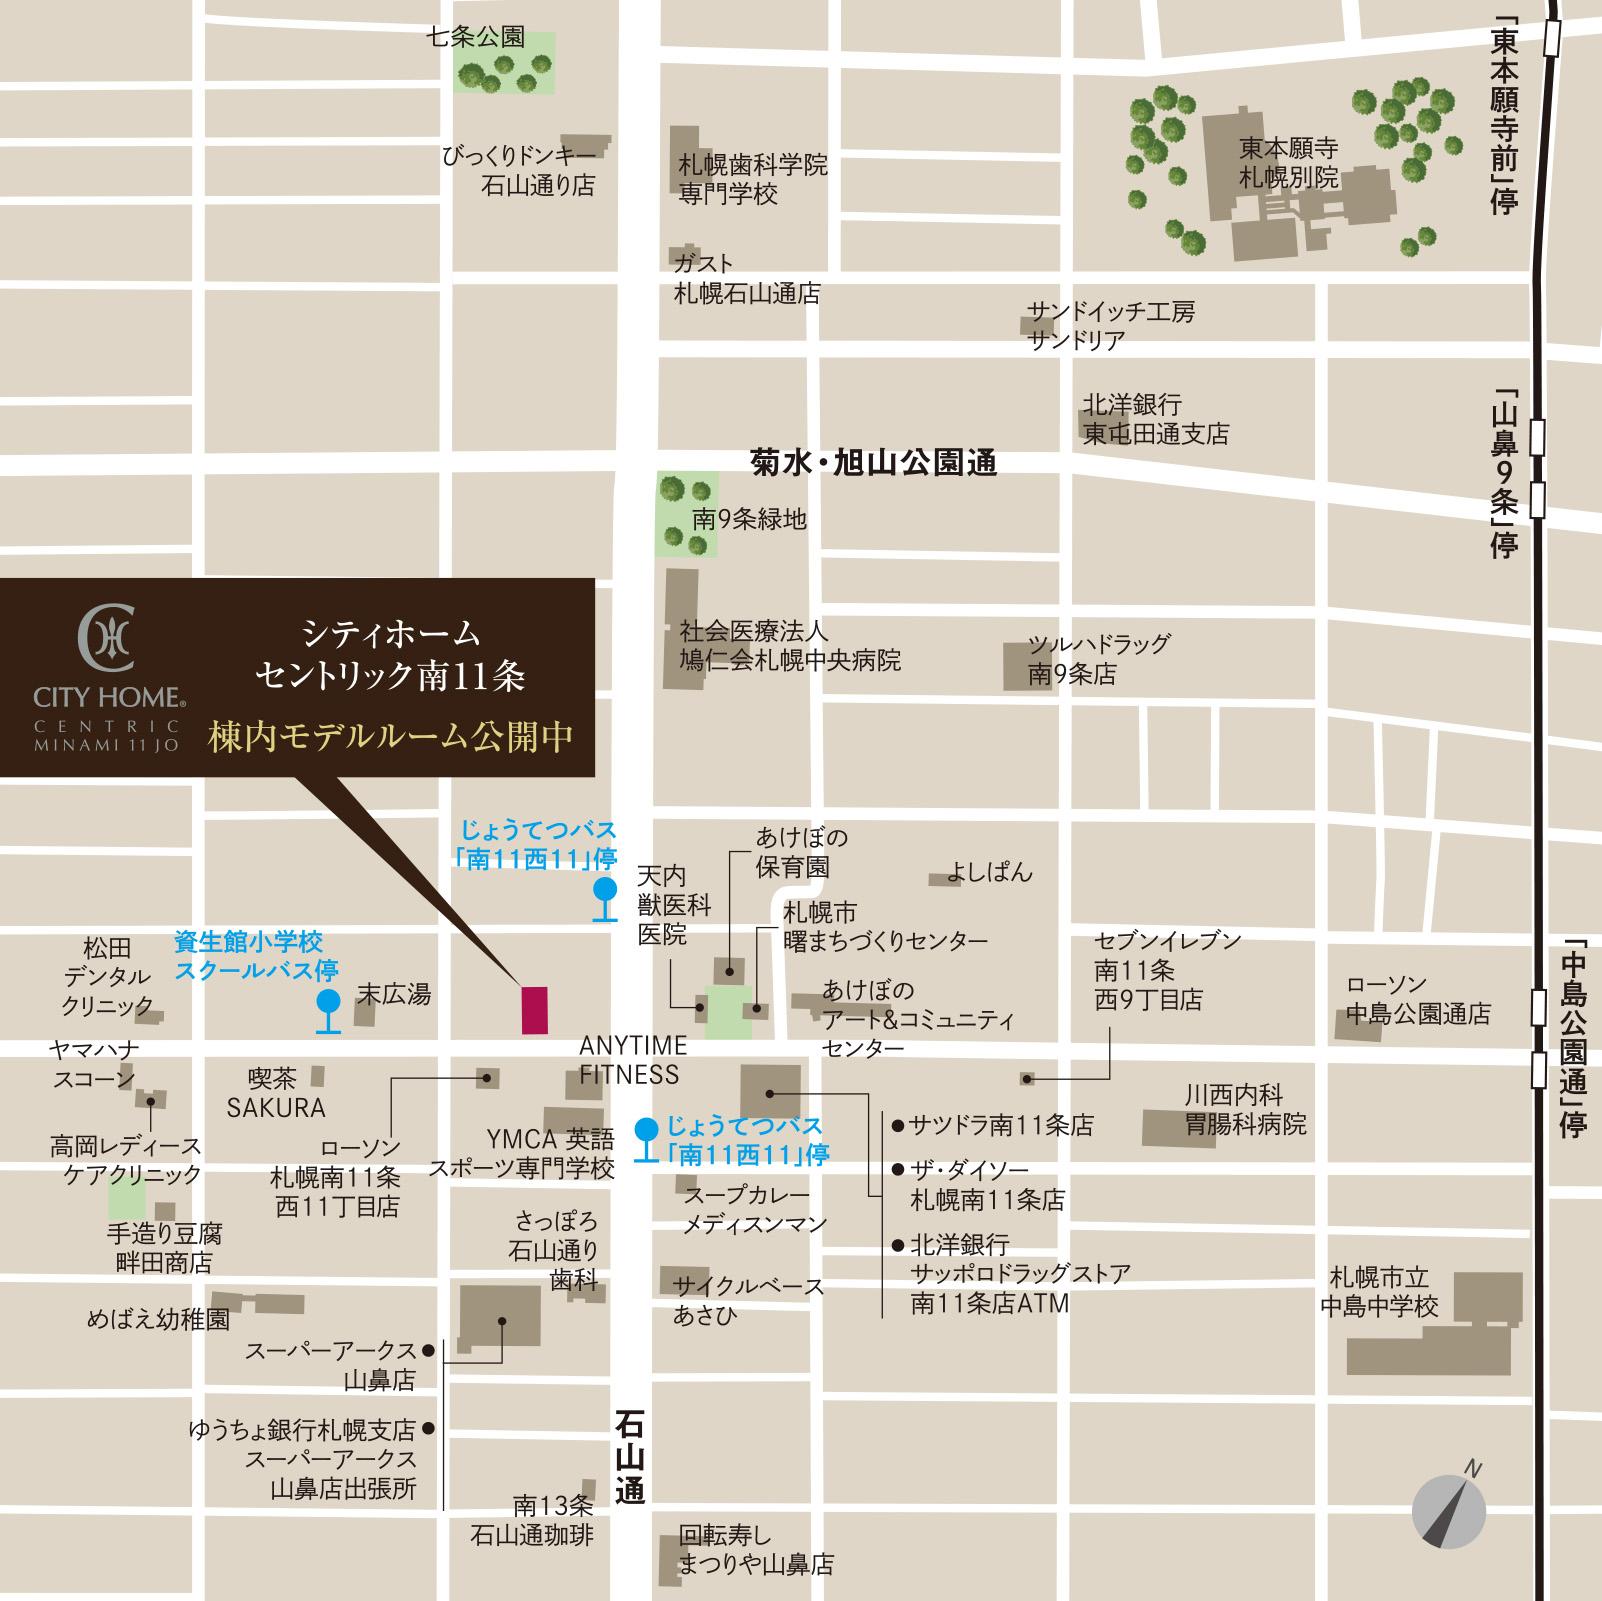 シティホーム セントリック南11条:モデルルーム地図